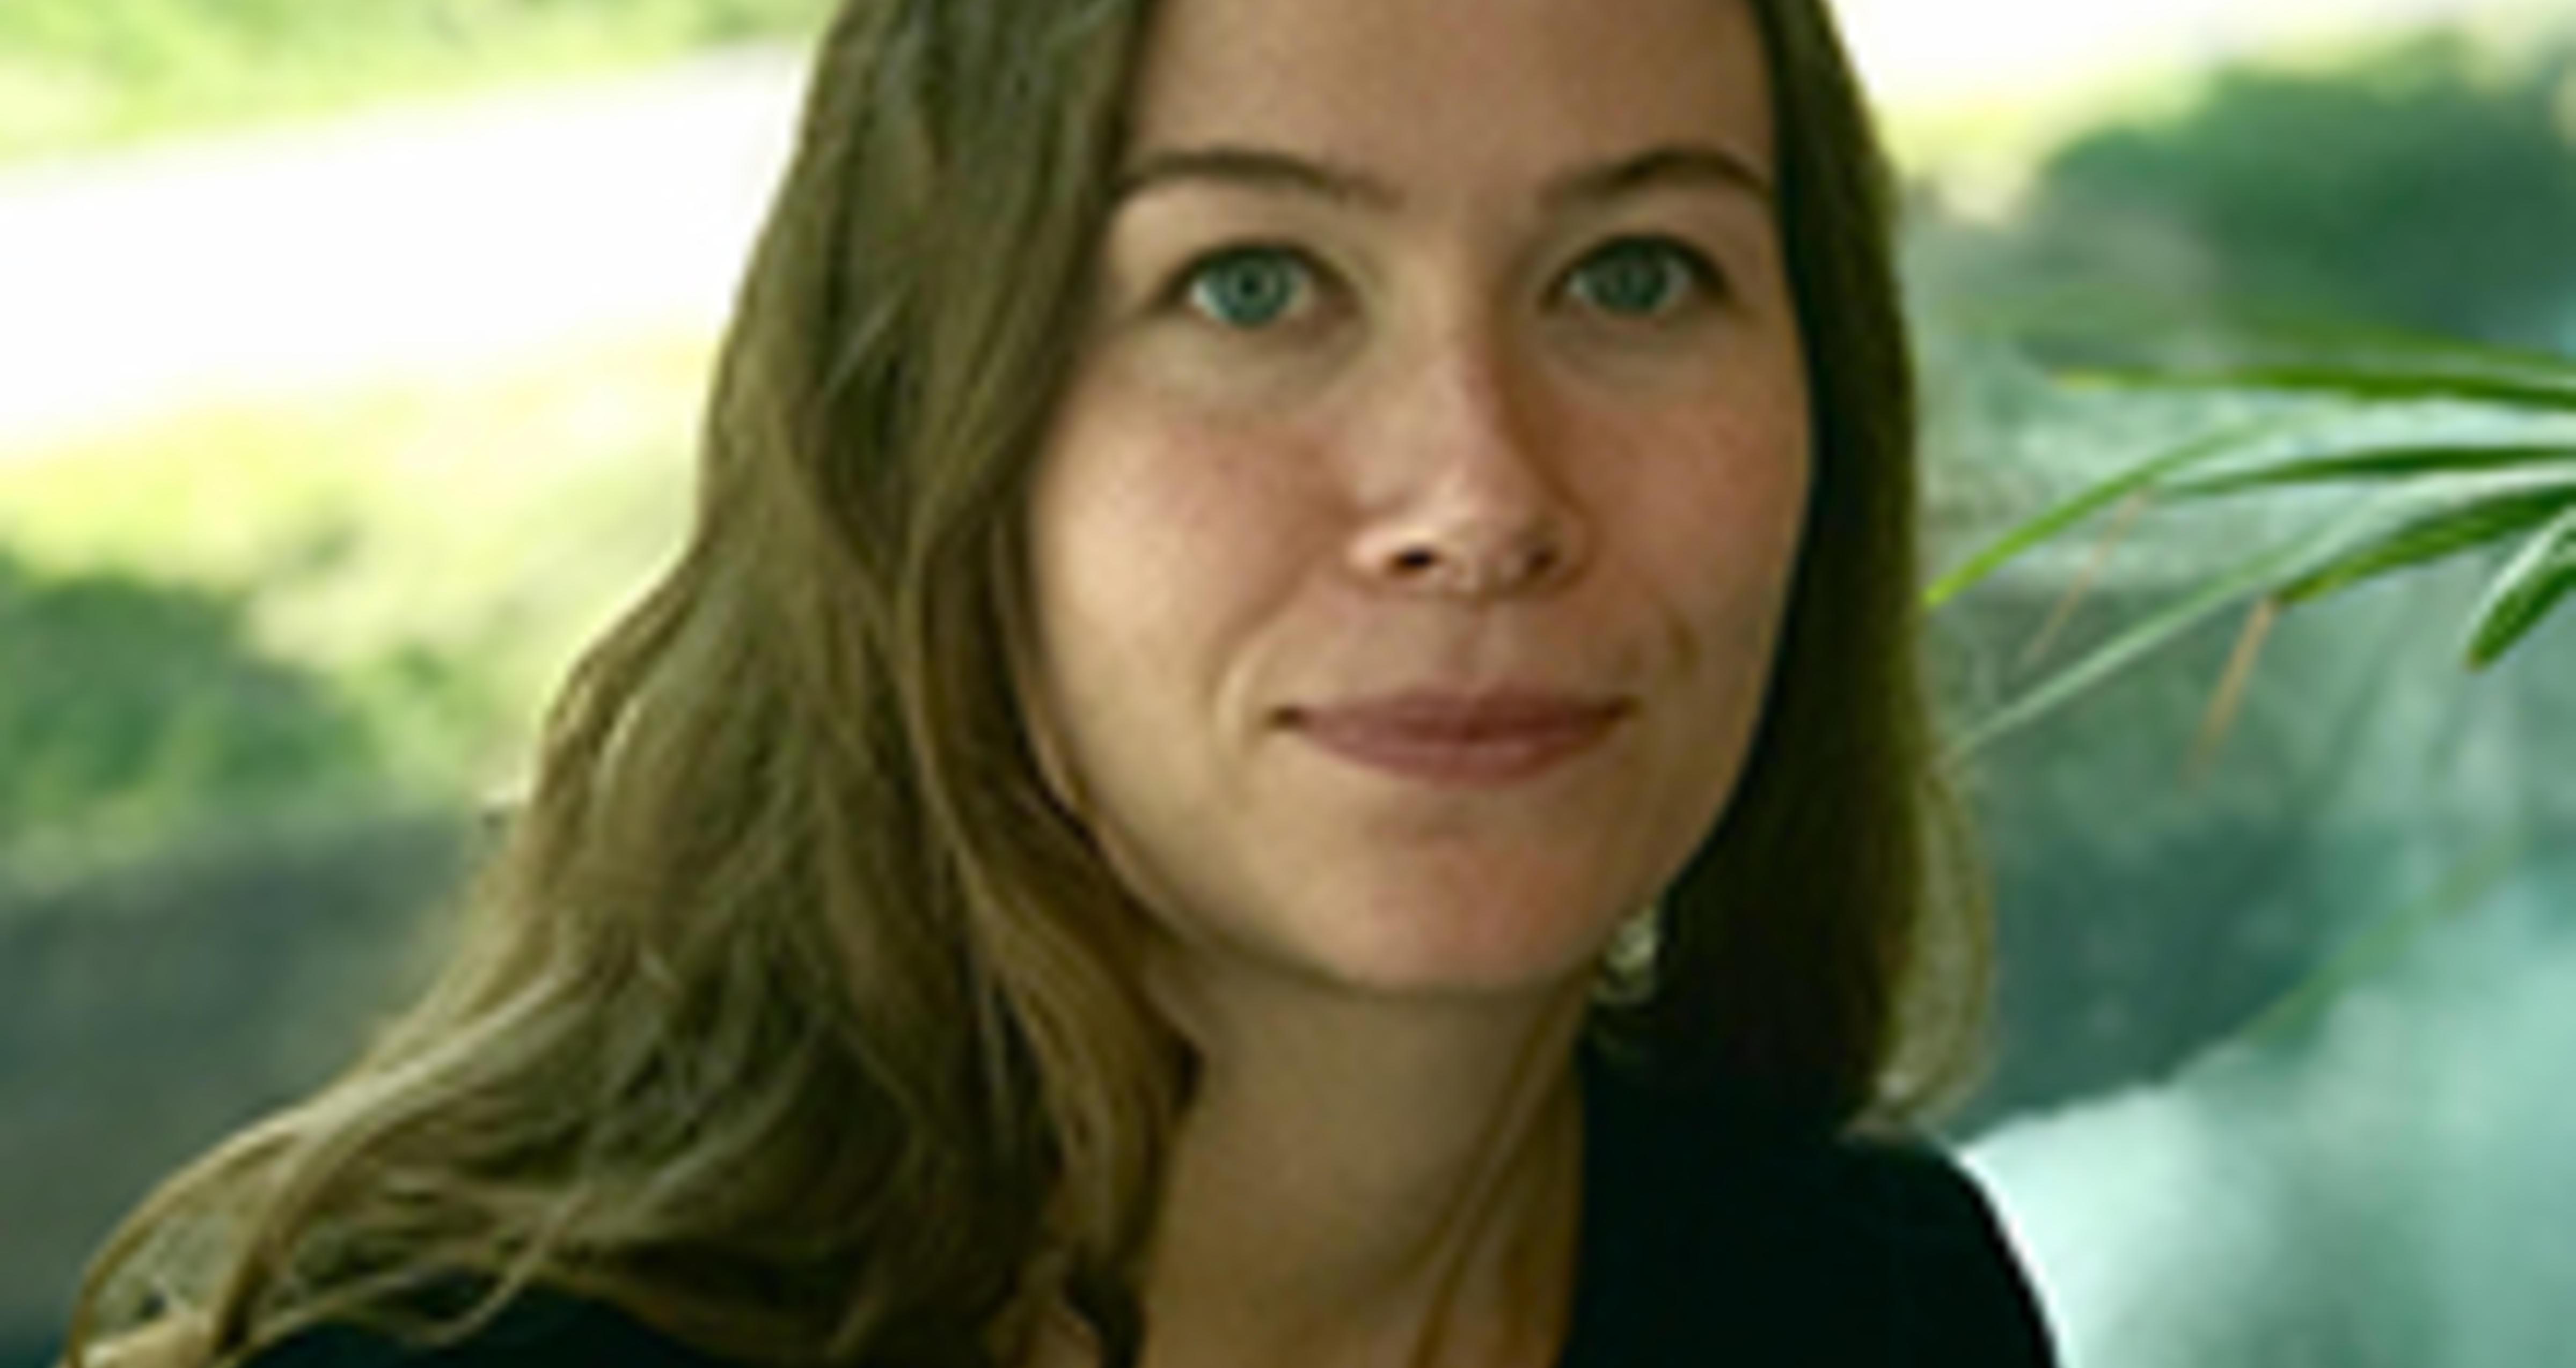 Nora Scheel